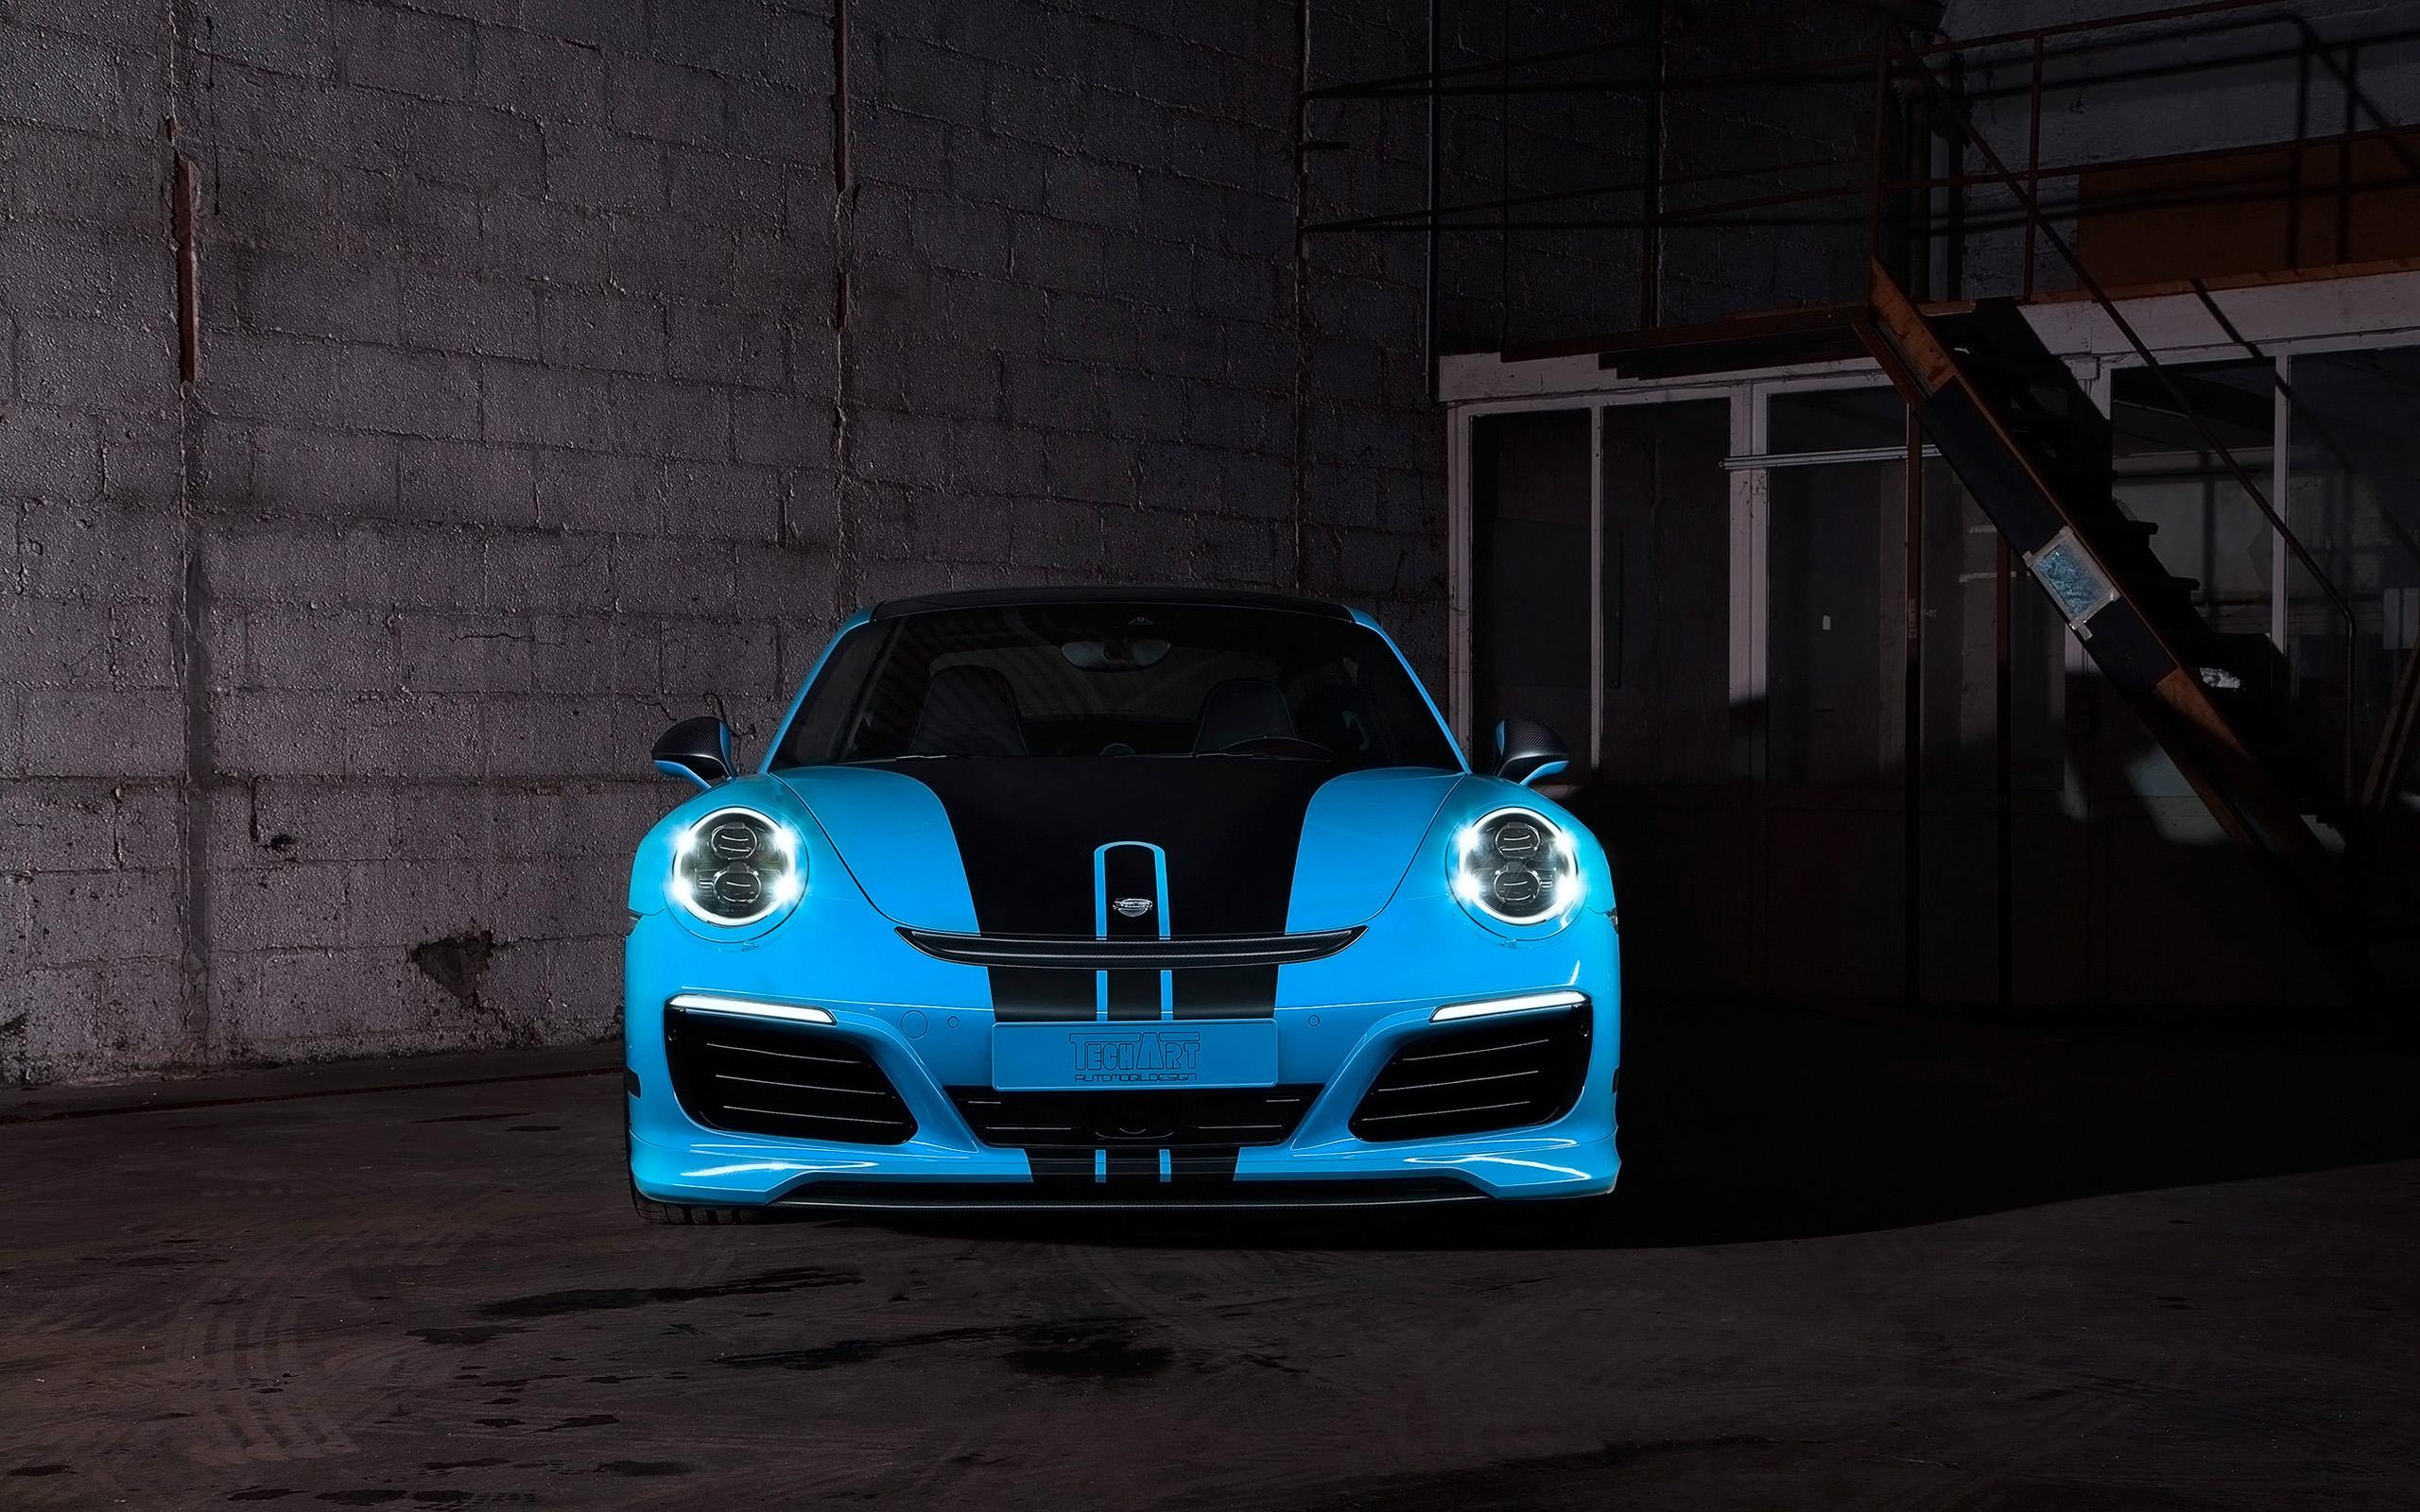 2016 Techart Porsche 911 Coupe Wallpaper Hd Car Wallpapers Id 6605